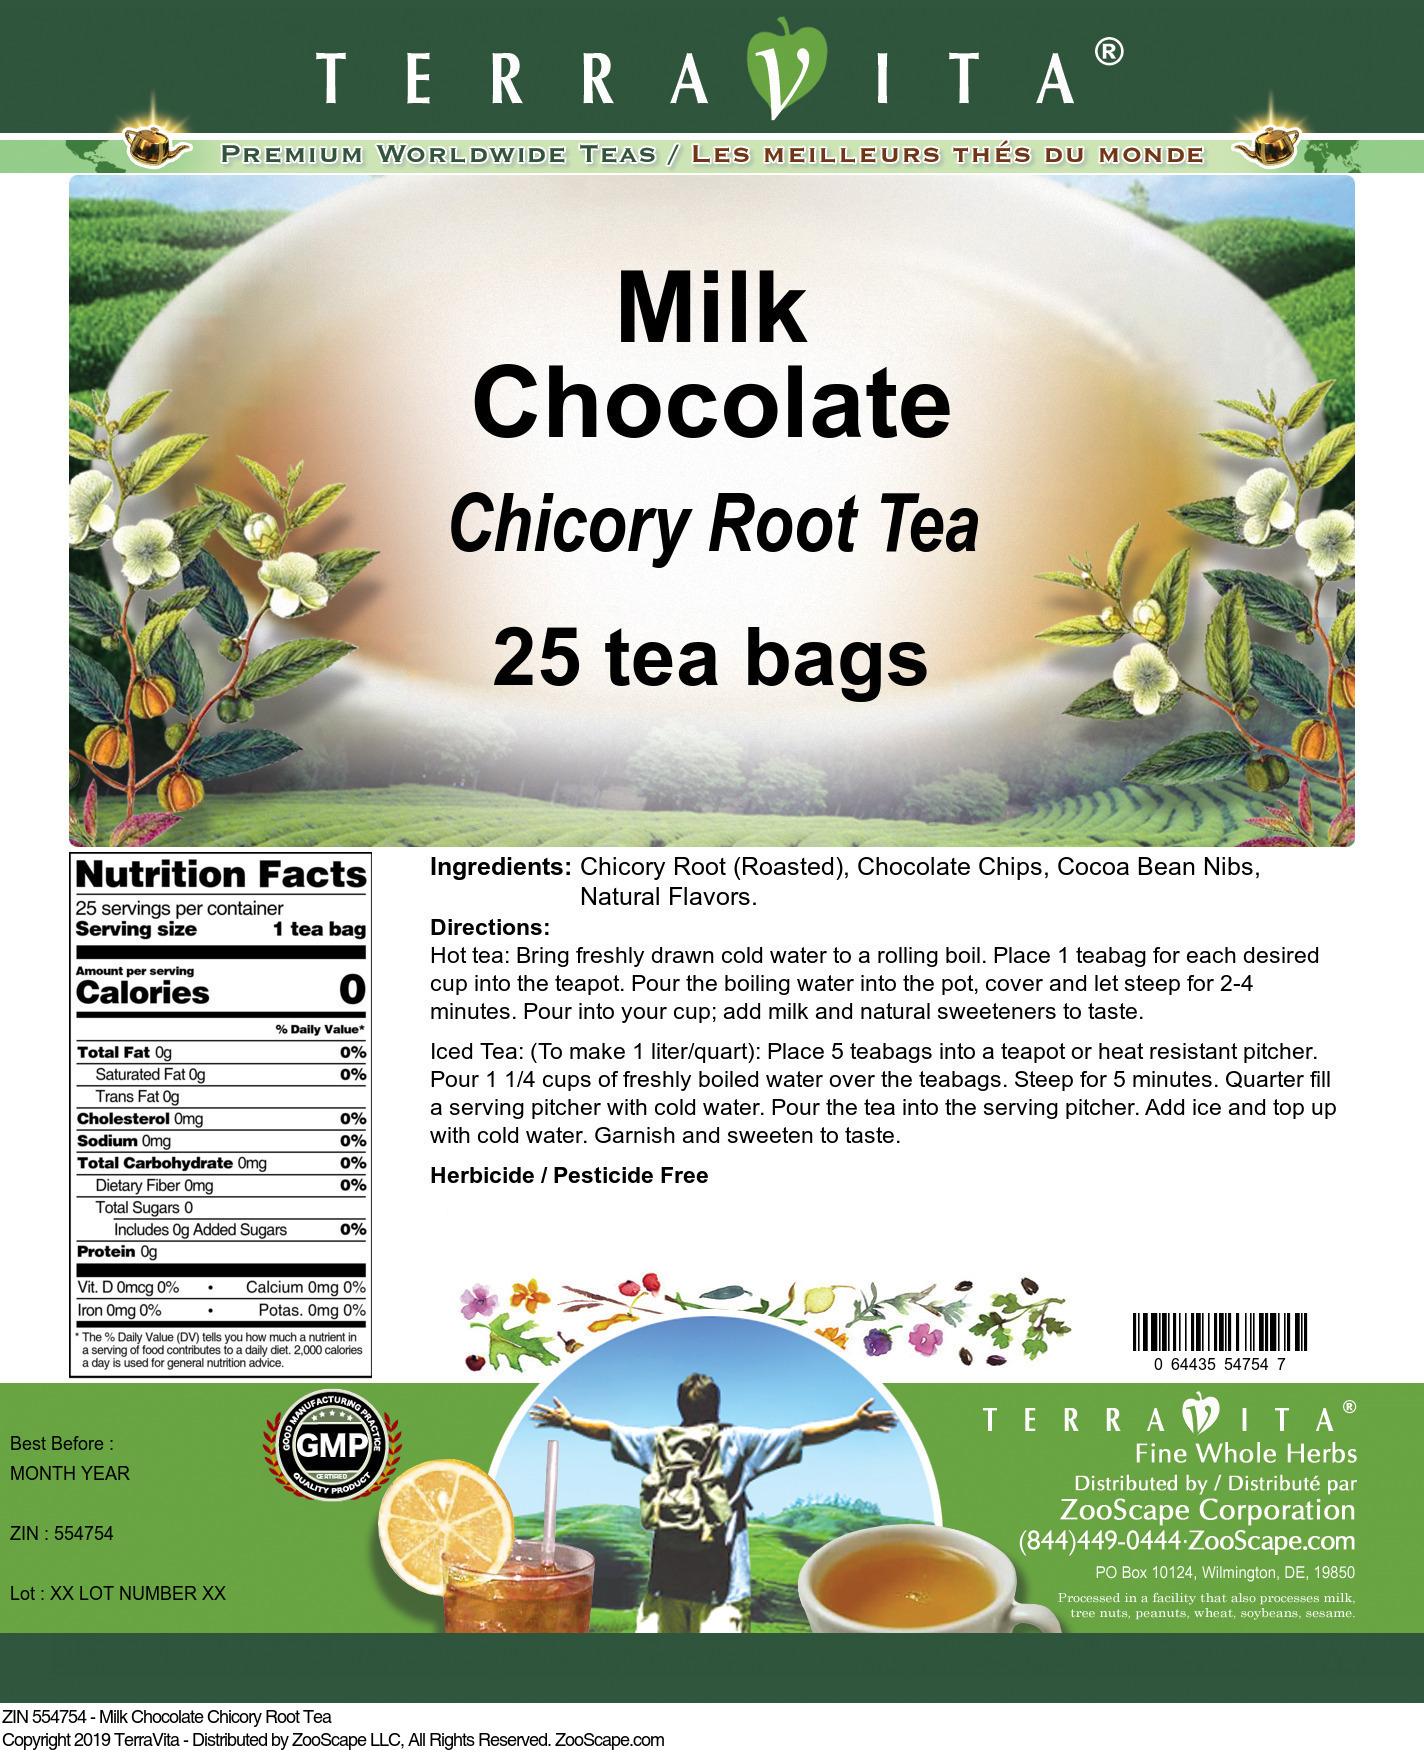 Milk Chocolate Chicory Root Tea